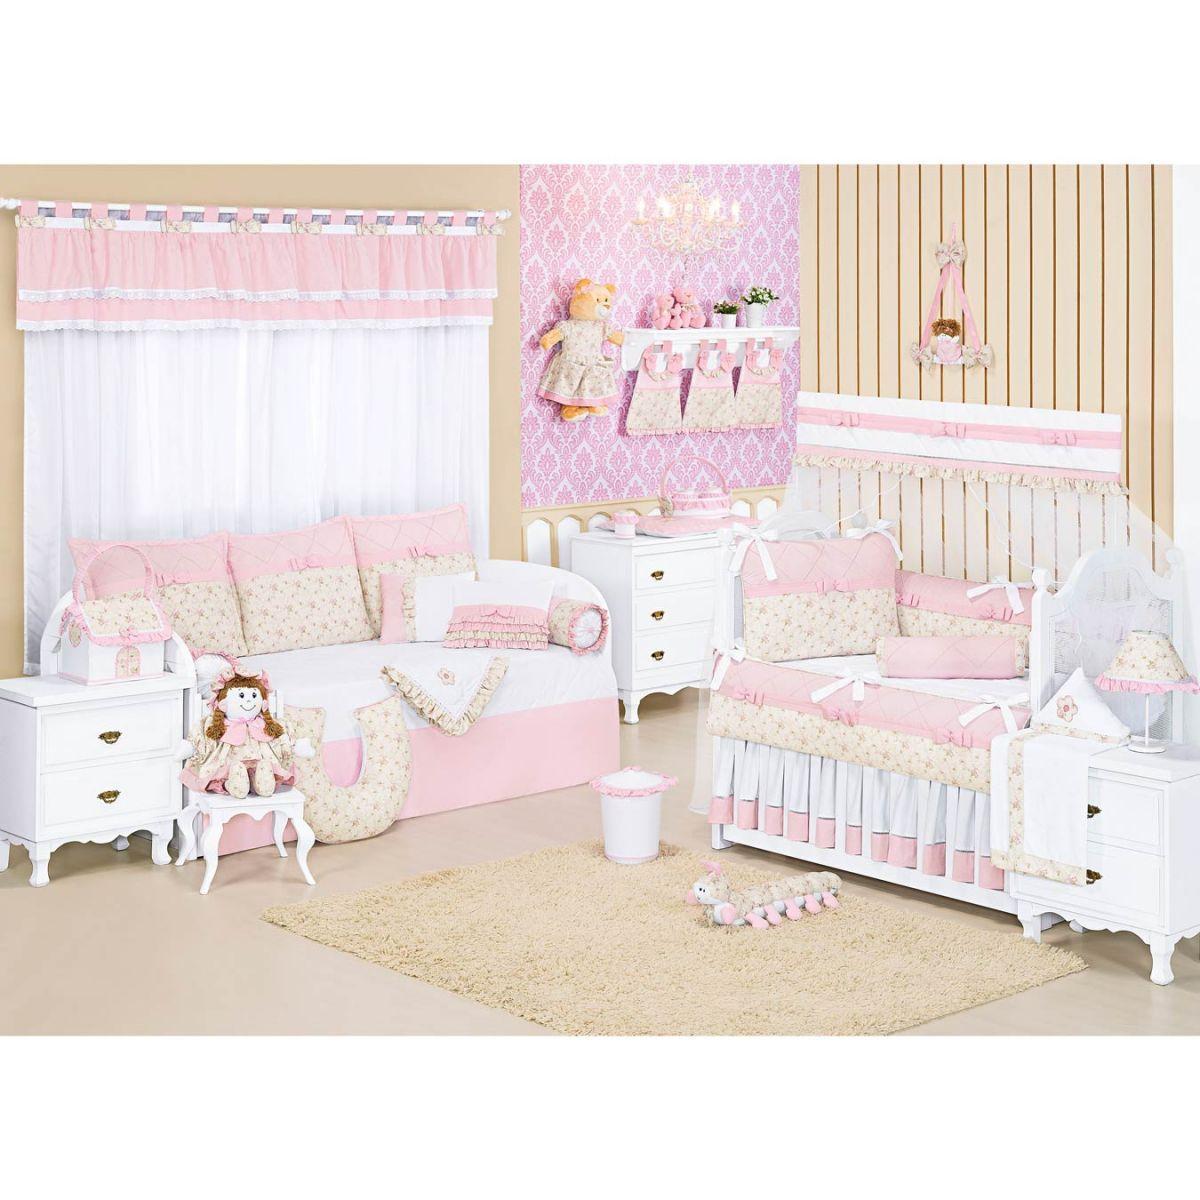 Porta Fraldas Ursa para Quarto de Bebê Coleção Lacinhos Baby - Rosa